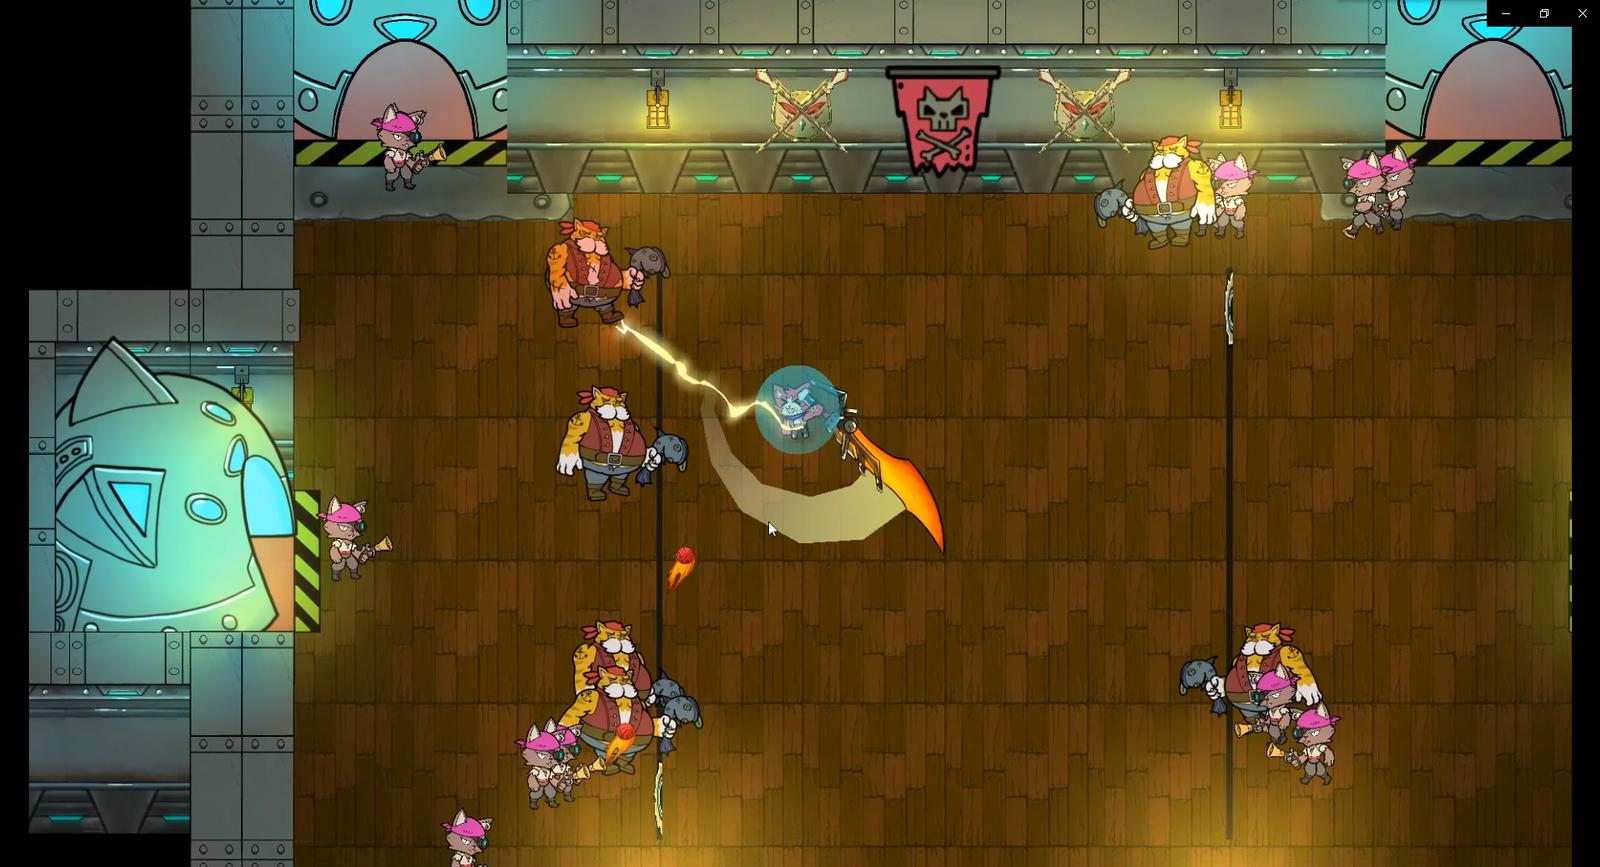 Cat Space Pirate - Screenshot 01